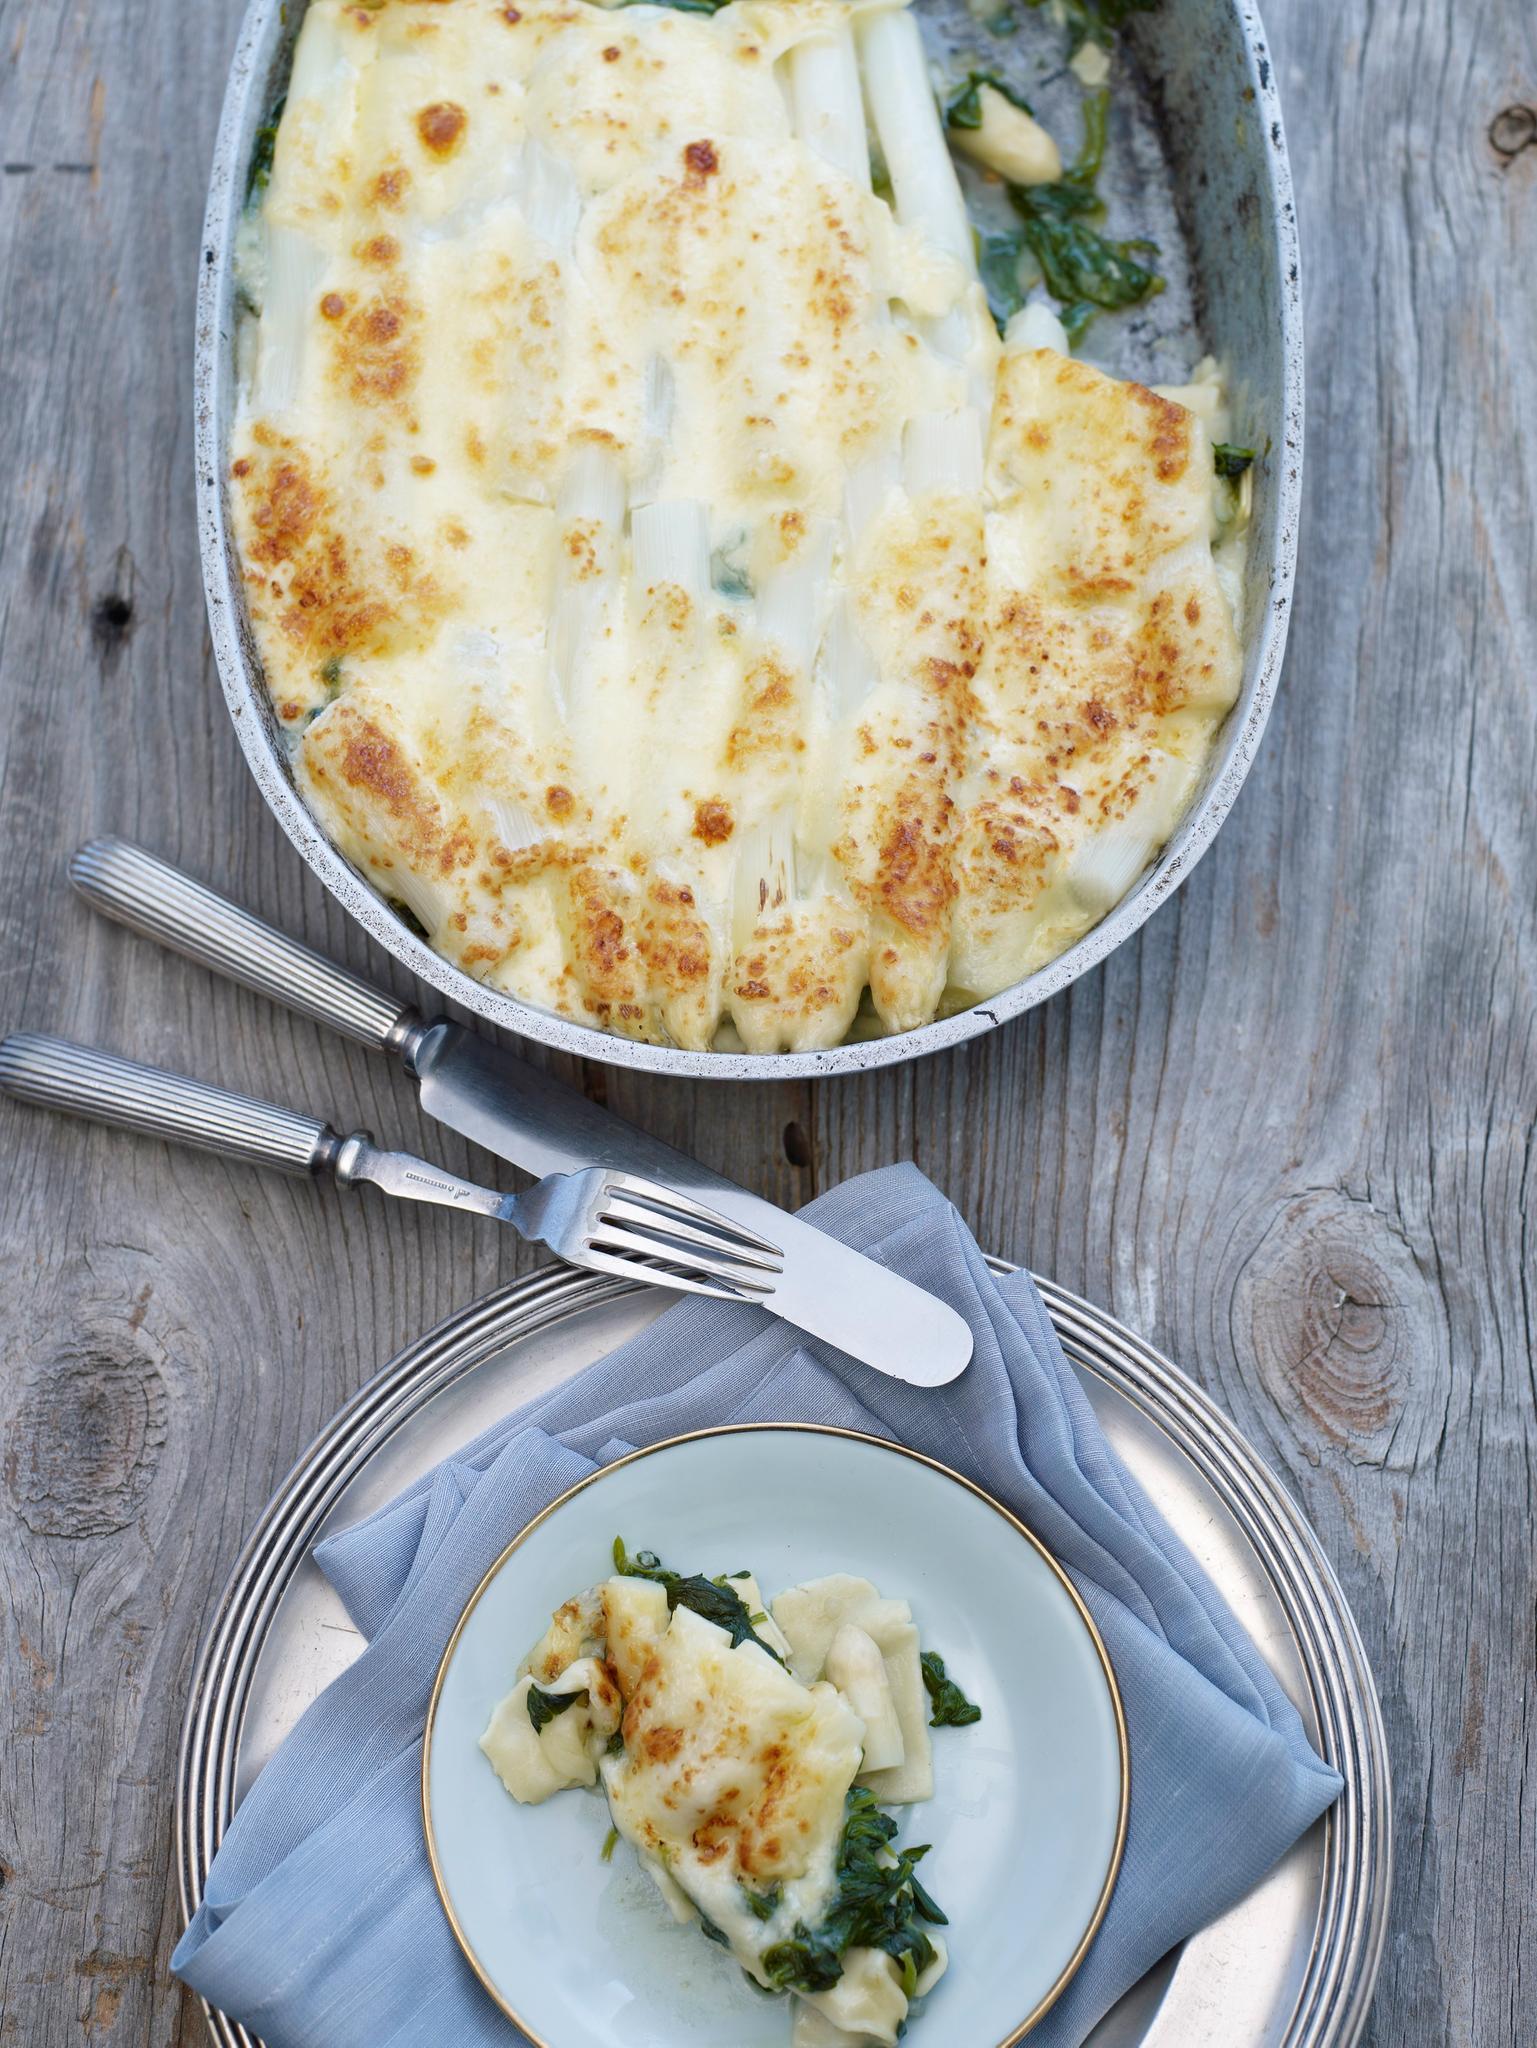 Lasagne mit Spargel - wer braucht da noch Hack oder Tomaten? Stattdessen kommen noch Spinat und Béchamel unter die Käsehaube. Zum Rezept: Spargel-Lasagne